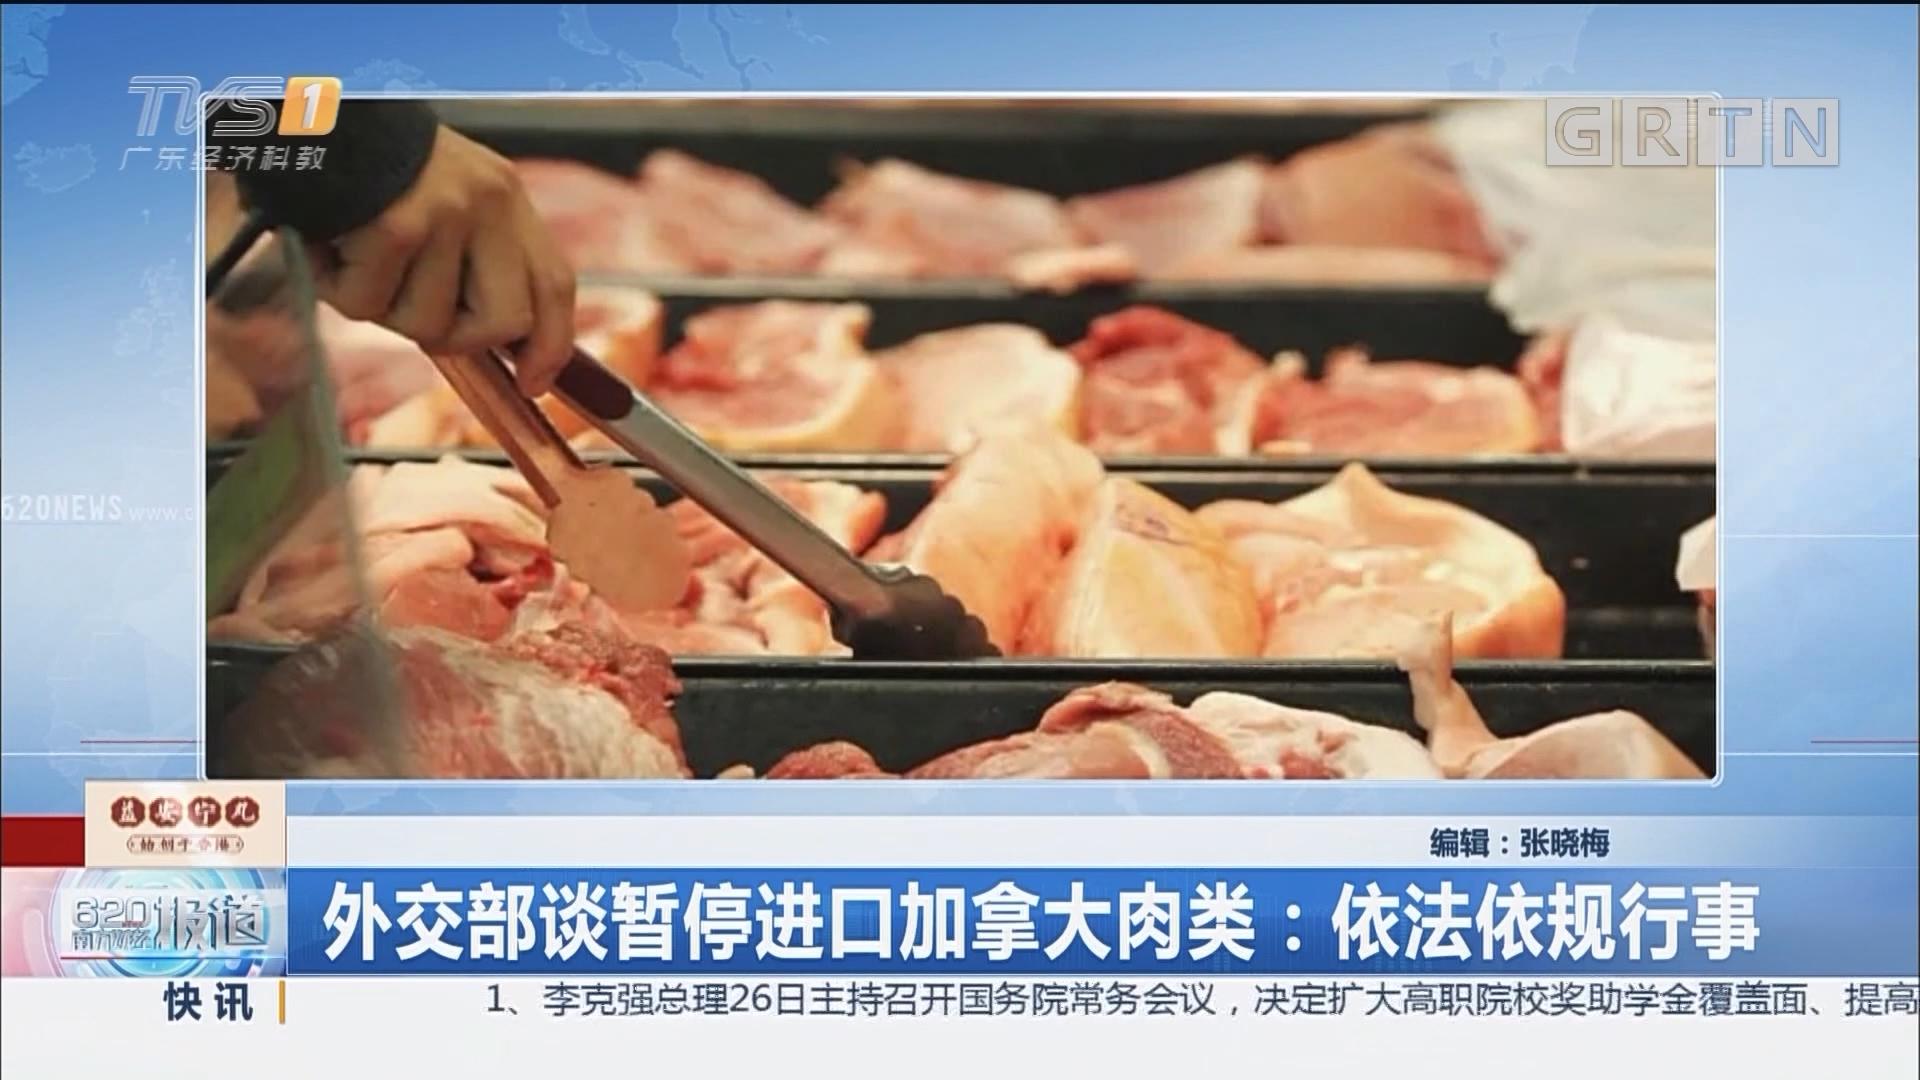 外交部谈暂停进口加拿大肉类:依法依规行事